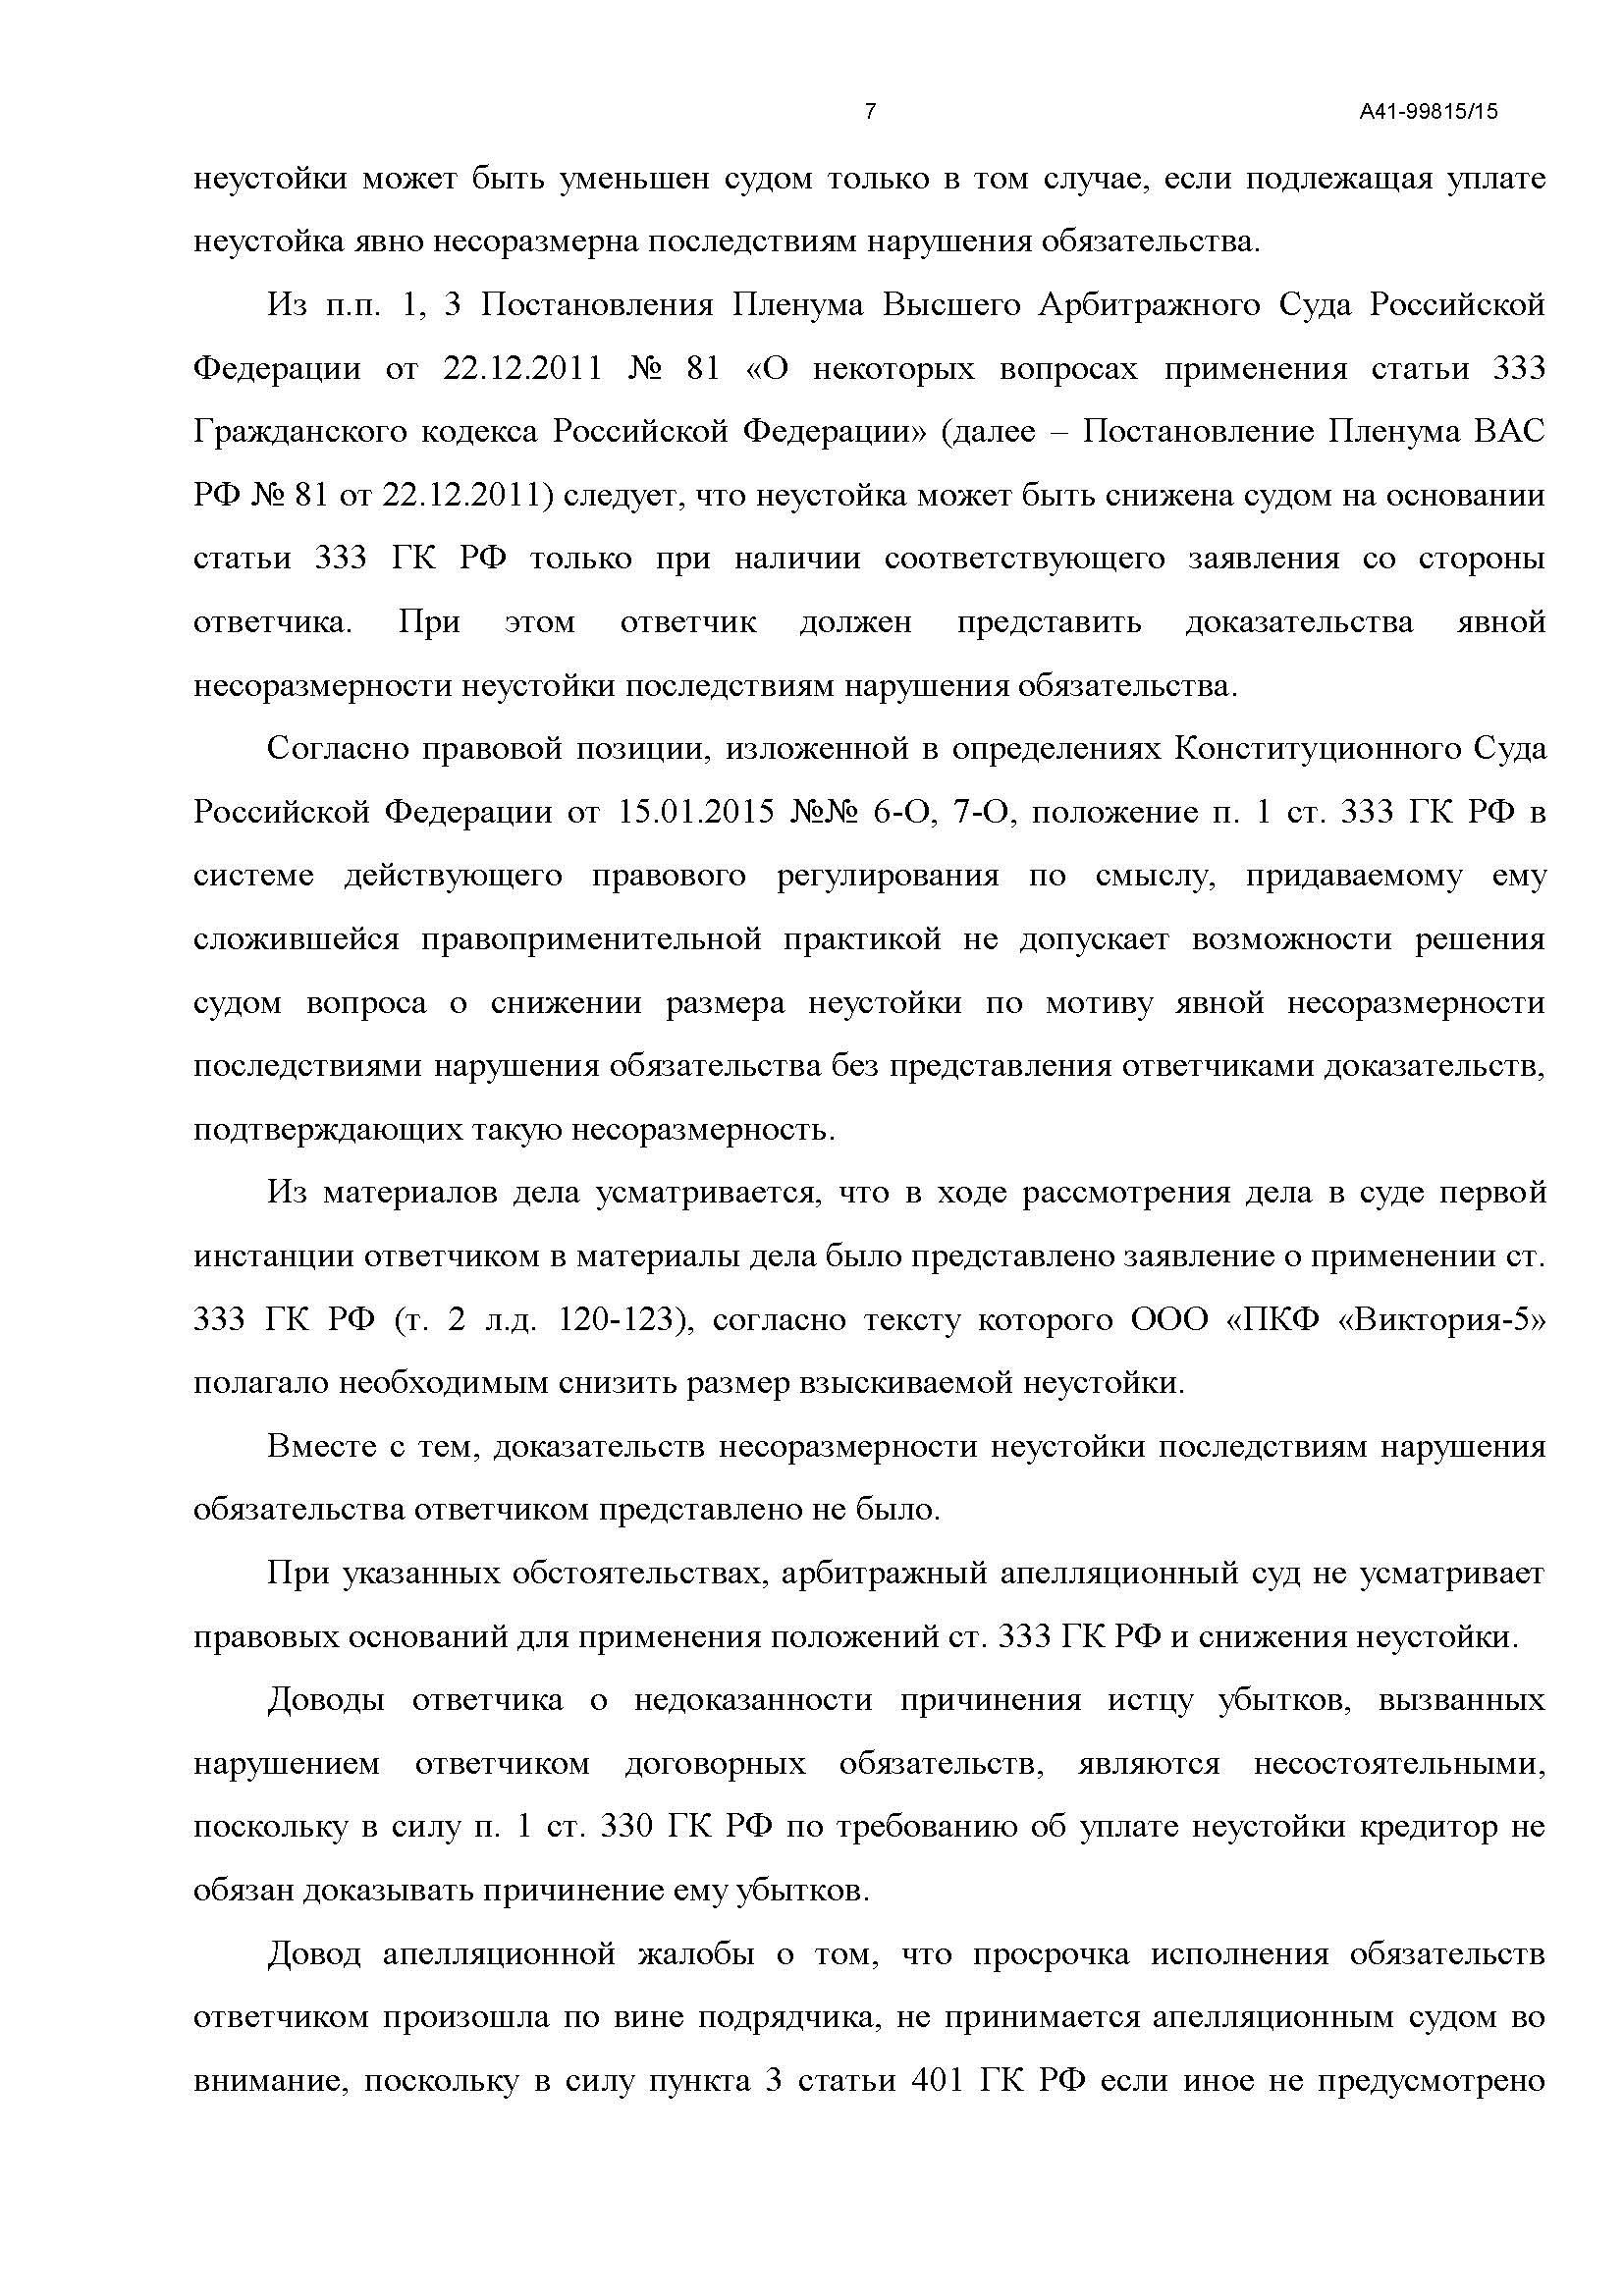 в какмх случаях применяется статья 333 гк